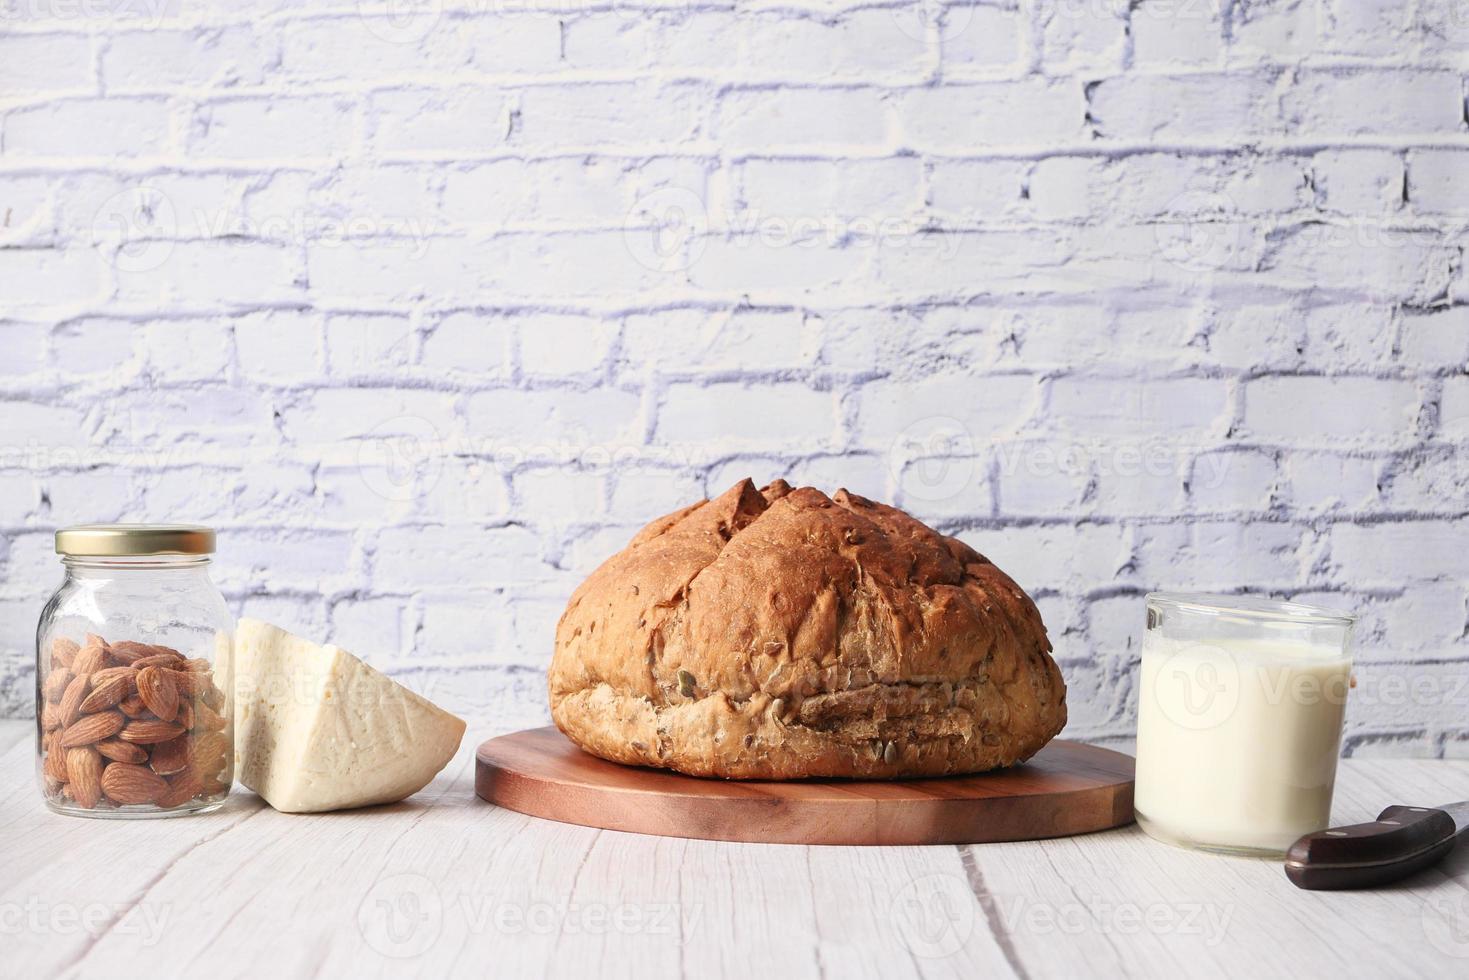 pain brun, fromage et lait sur fond neutre photo